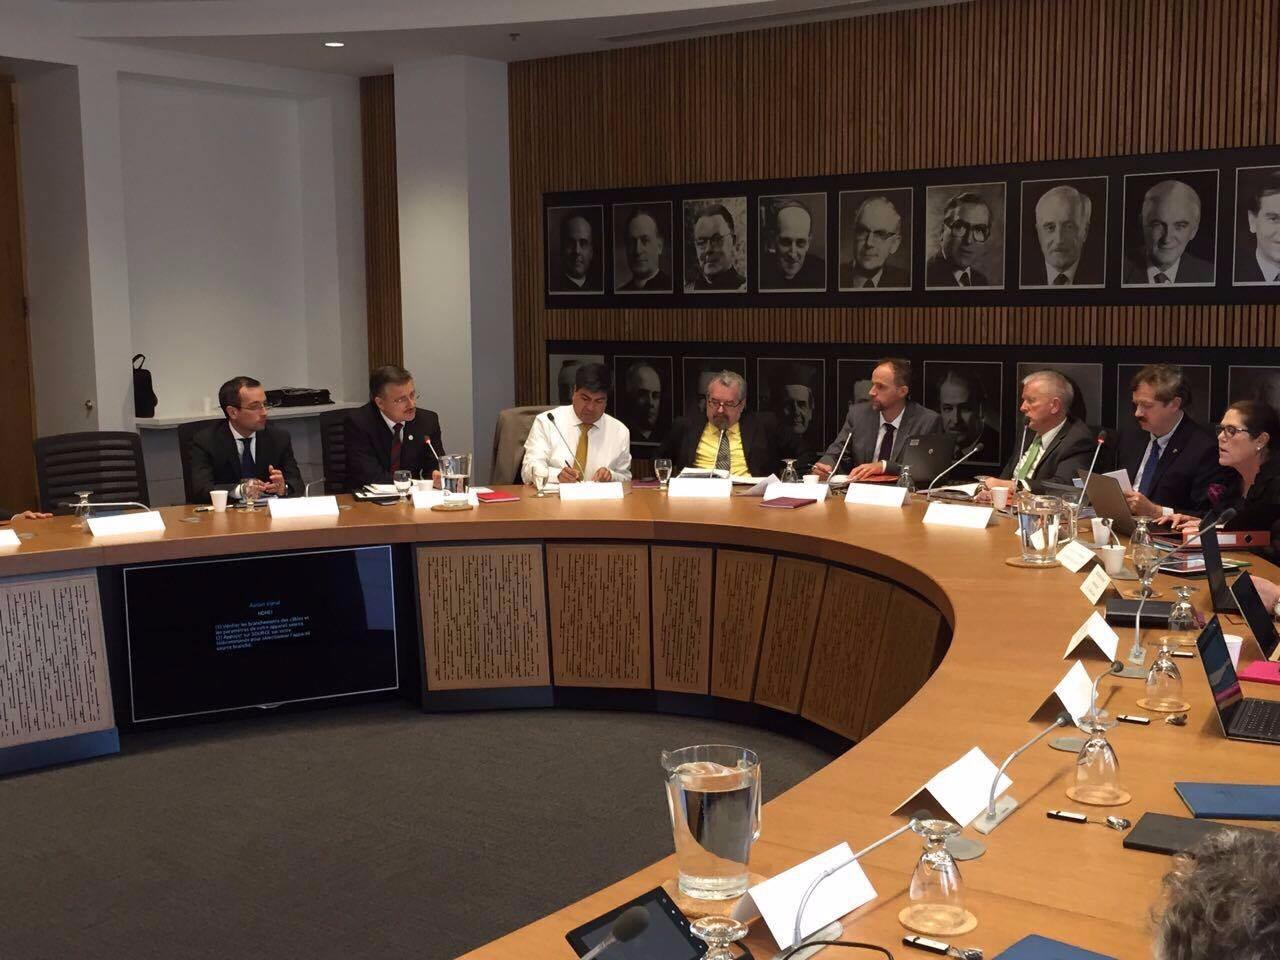 Asamblea de la Organización Universitaria Interamericana (OUI-IOHE) nombró como vicepresidente general al Rector General de la Universidad de Guadalajara (UdeG),  maestro Itzcóatl Tonatiuh Bravo Padilla, en el marco de la LXXVIII junta directiva celebrada este martes en Montreal, Canadá.